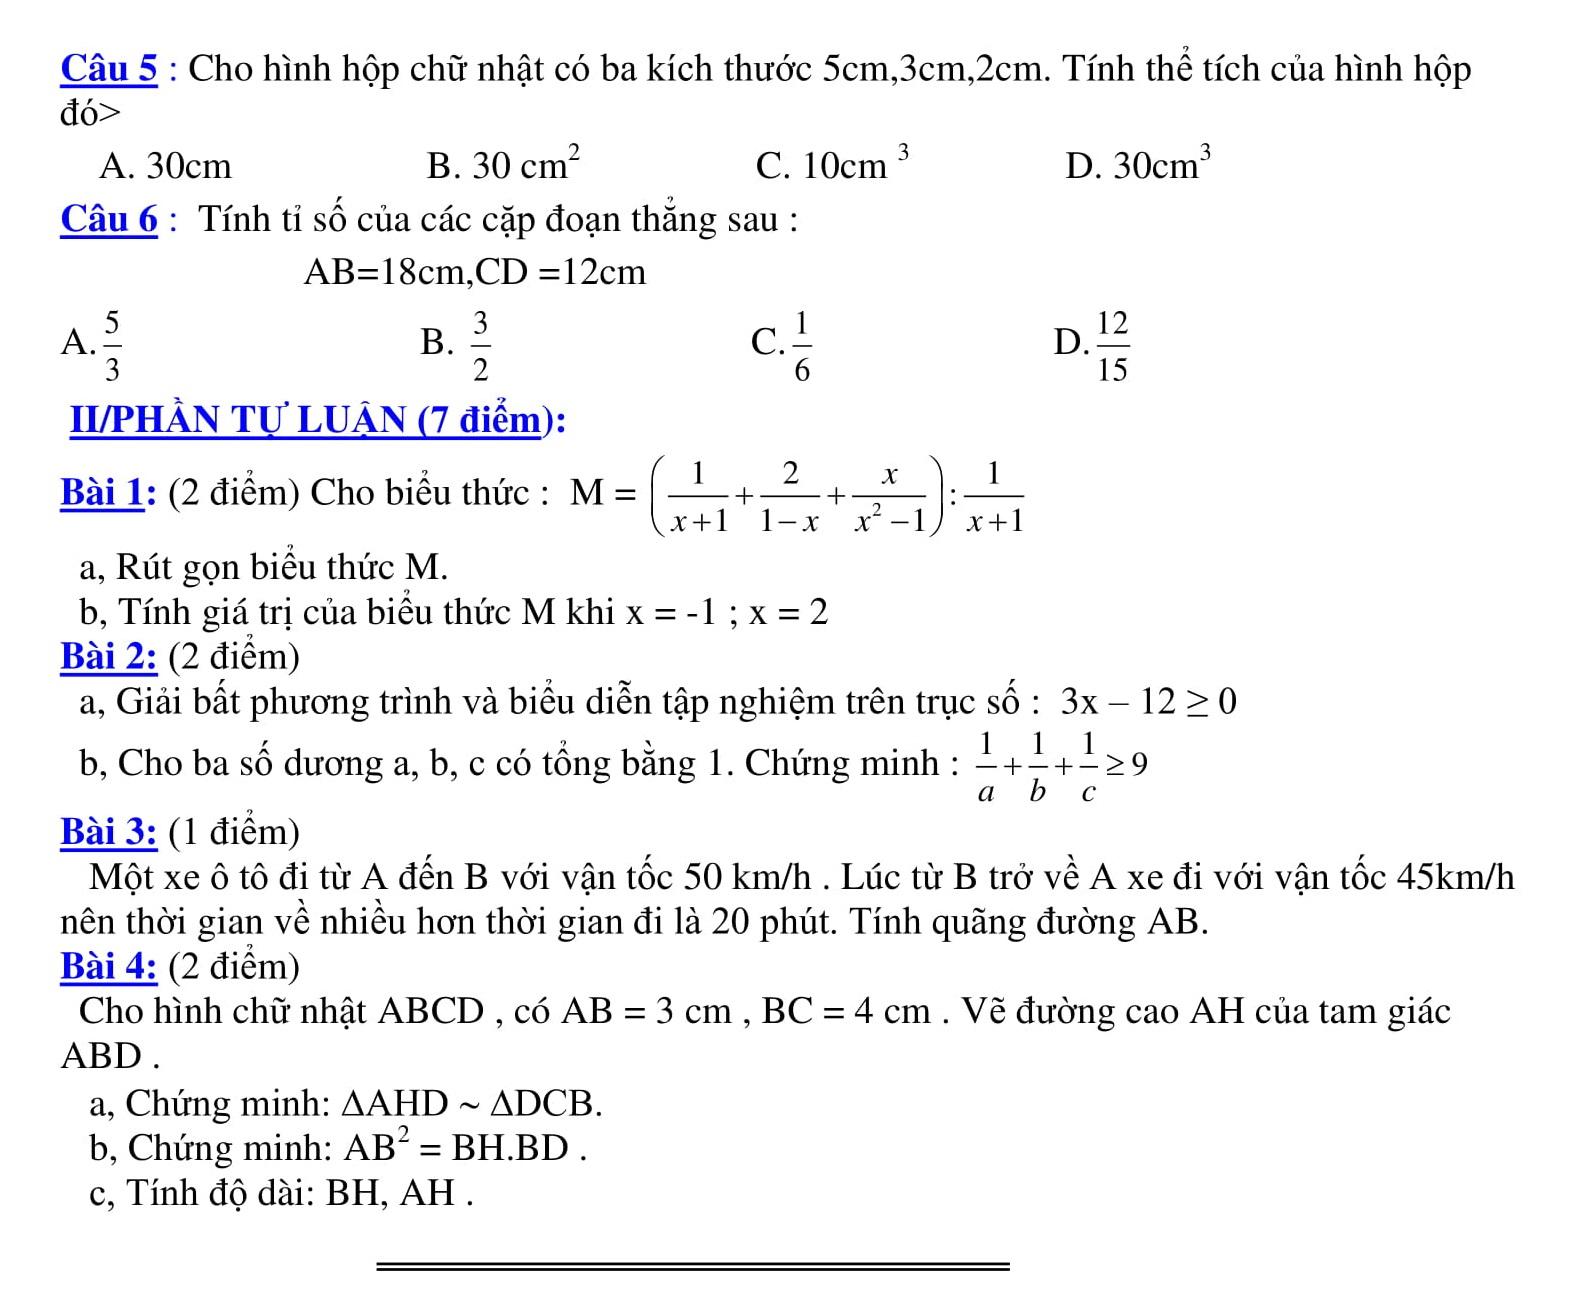 27 Đề thi HK2 toán 8 được tổng hợp qua các năm